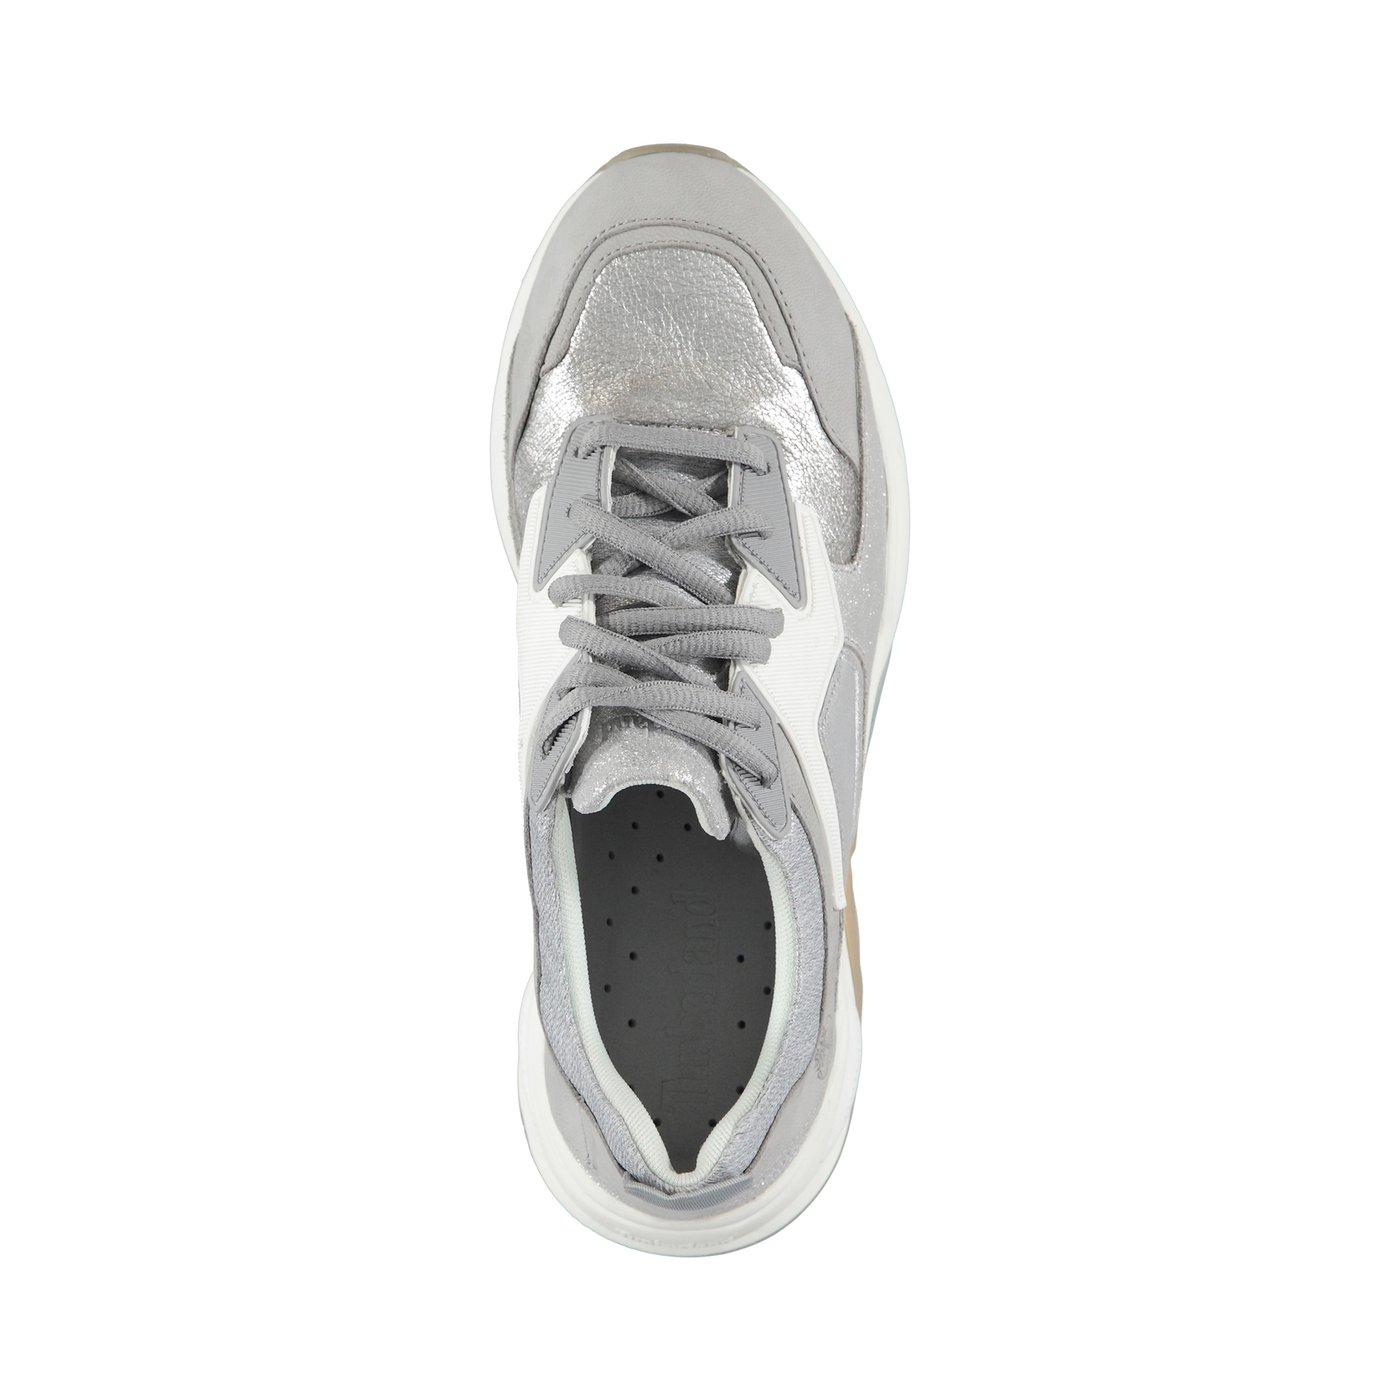 Timberland Delphiville Kadın Gri Spor Ayakkabı